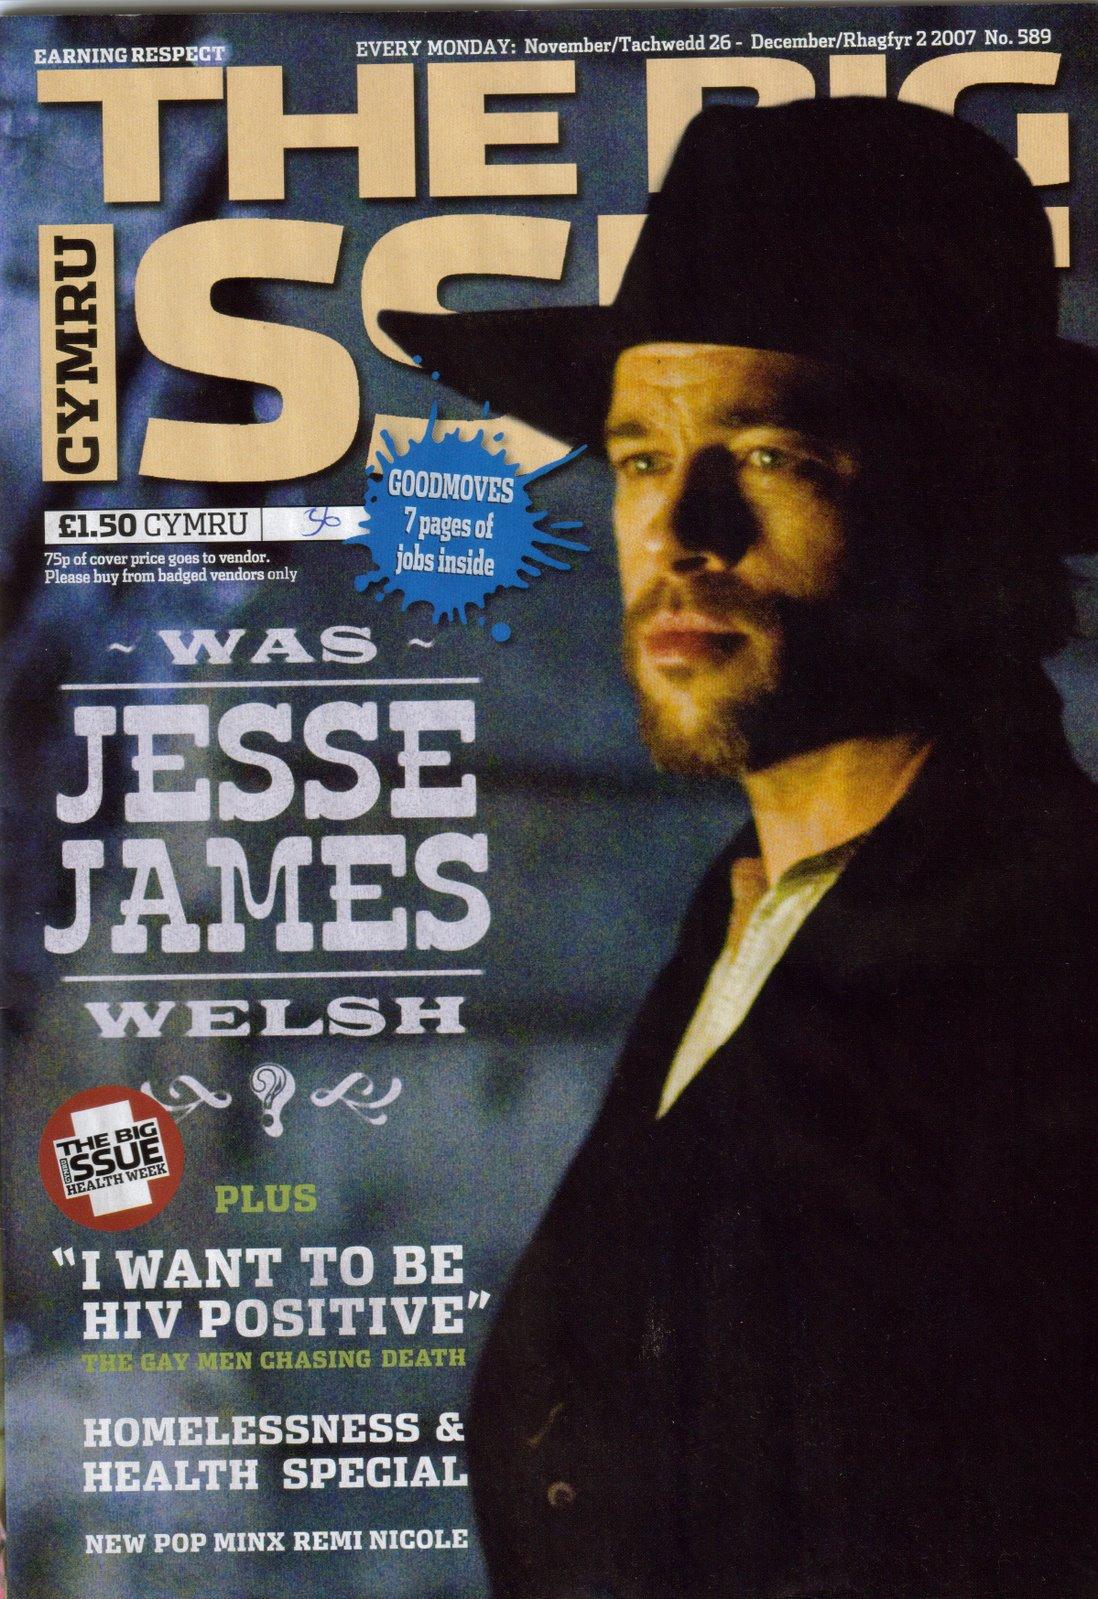 http://1.bp.blogspot.com/_C89KDlTM2Fg/R1RjxbohoLI/AAAAAAAAAJU/r6oK8GbBbo0/s1600-R/Jesse1.jpg